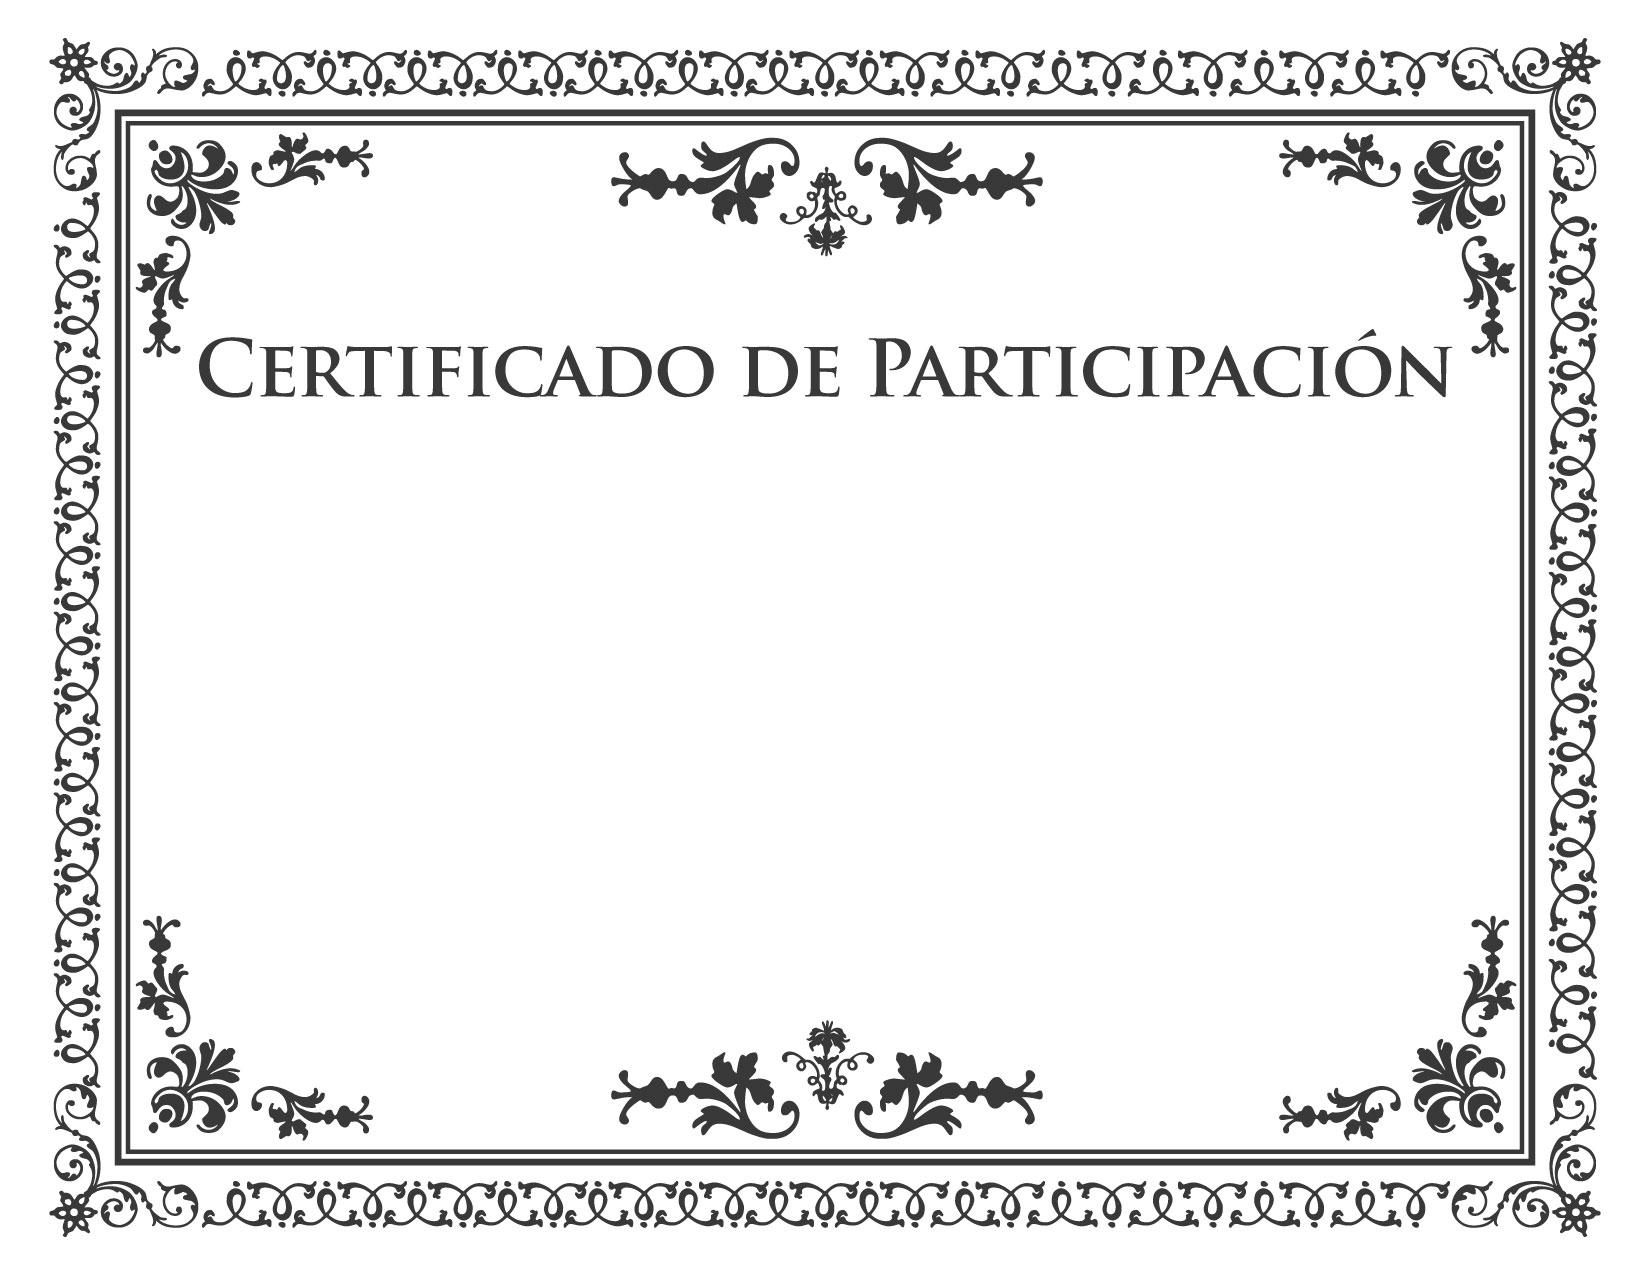 certificado de participaci u00f3n para imprimir